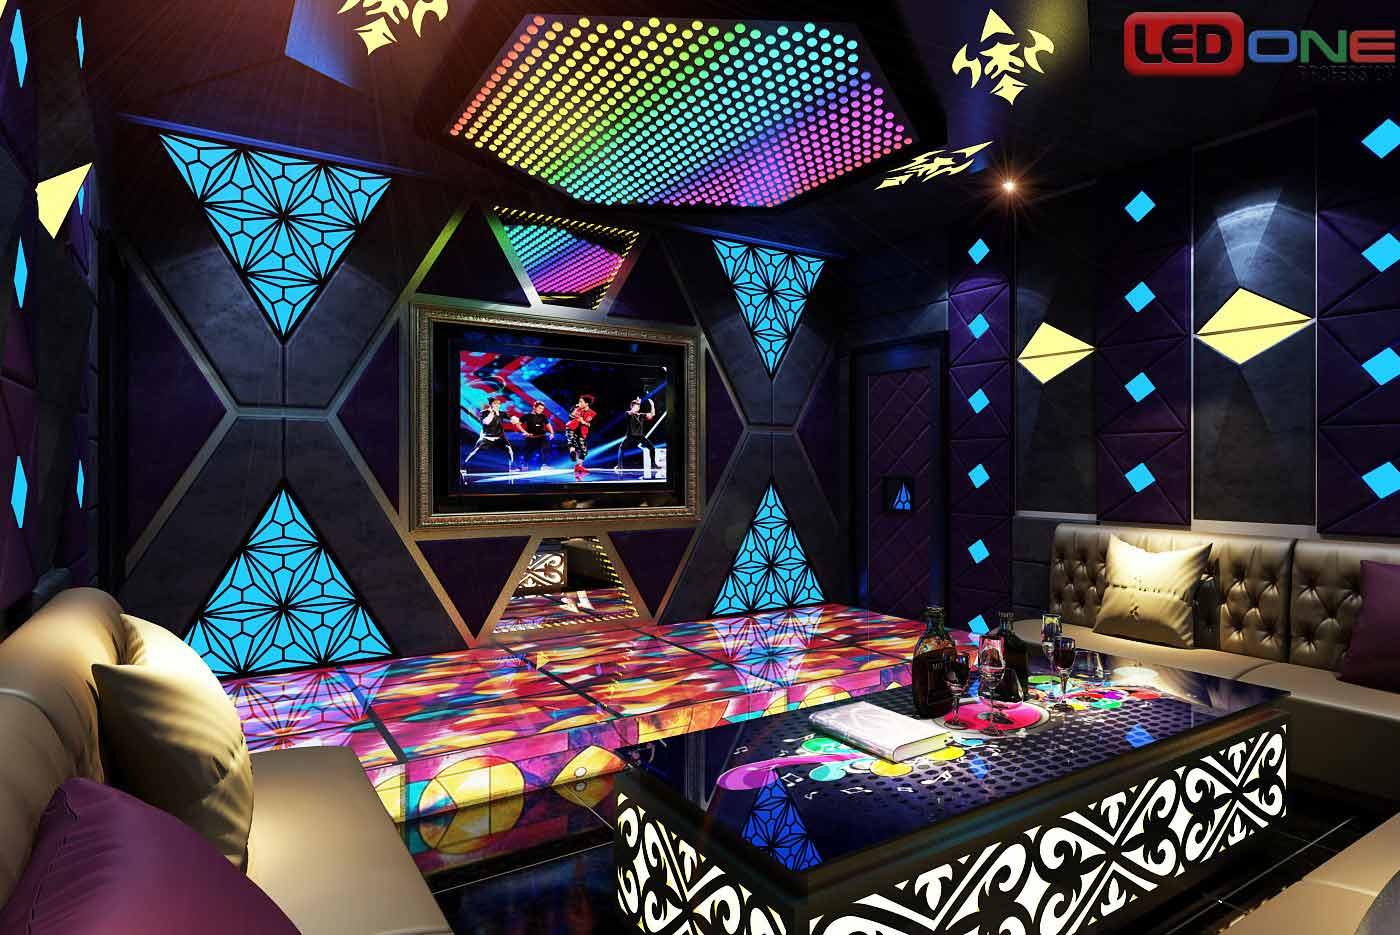 Màn hình LED cho quán Bar, karaoke cho không gian quán đẹp và đẳng cấp